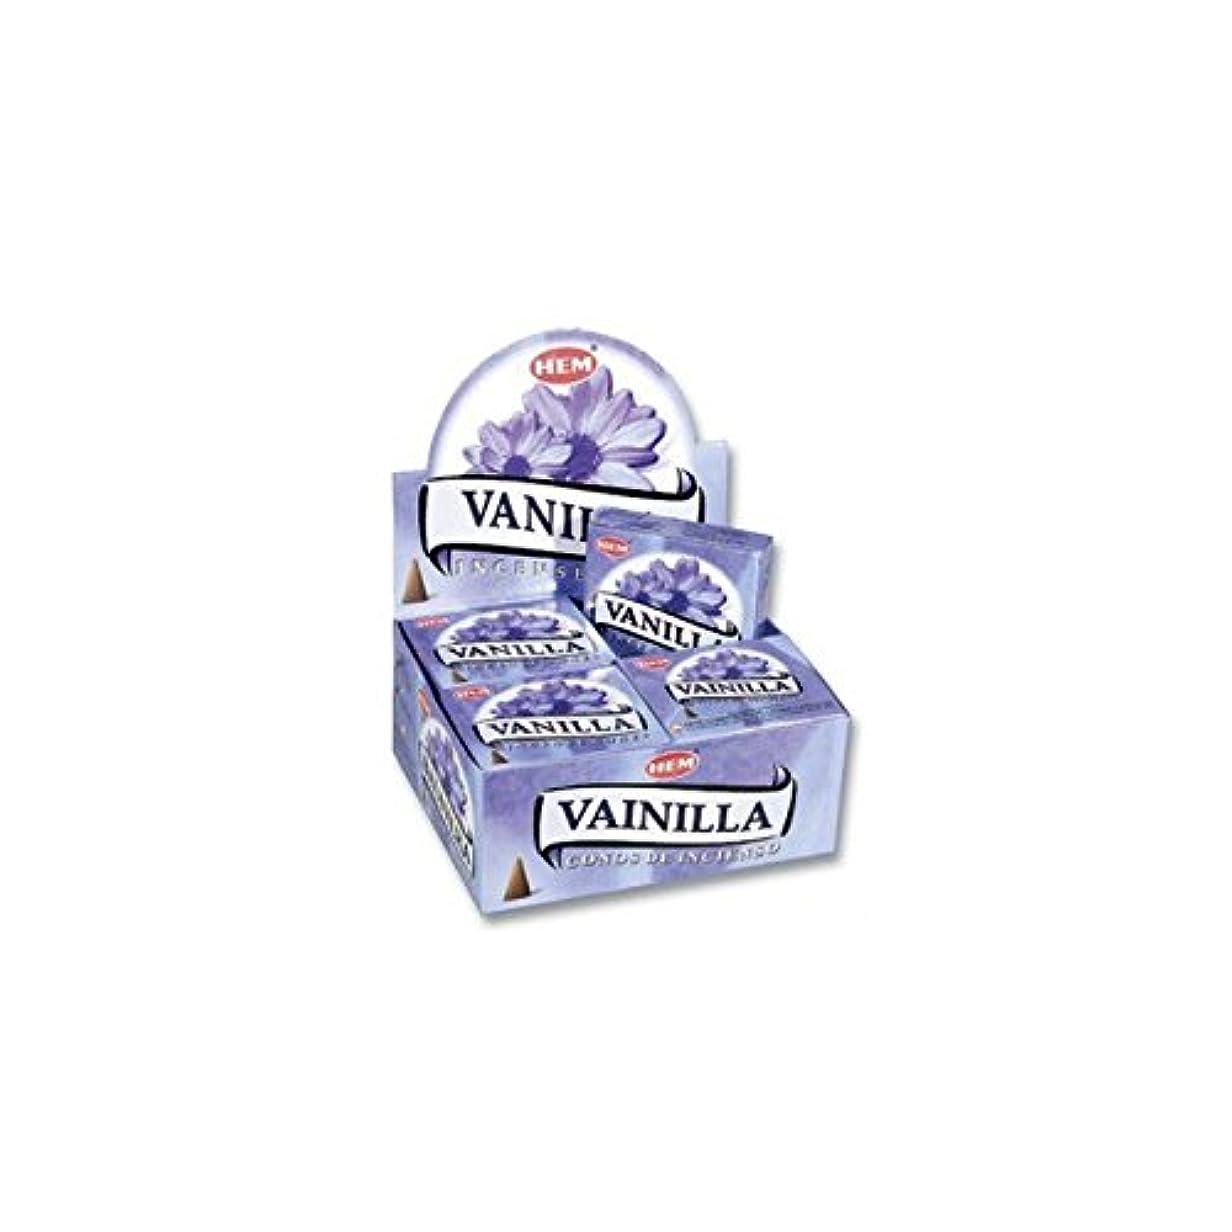 一貫性のないスライム欠陥HEM お香 バニラ(VANILLA) コーンタイプ 1ケース(12箱入り) HEMお香